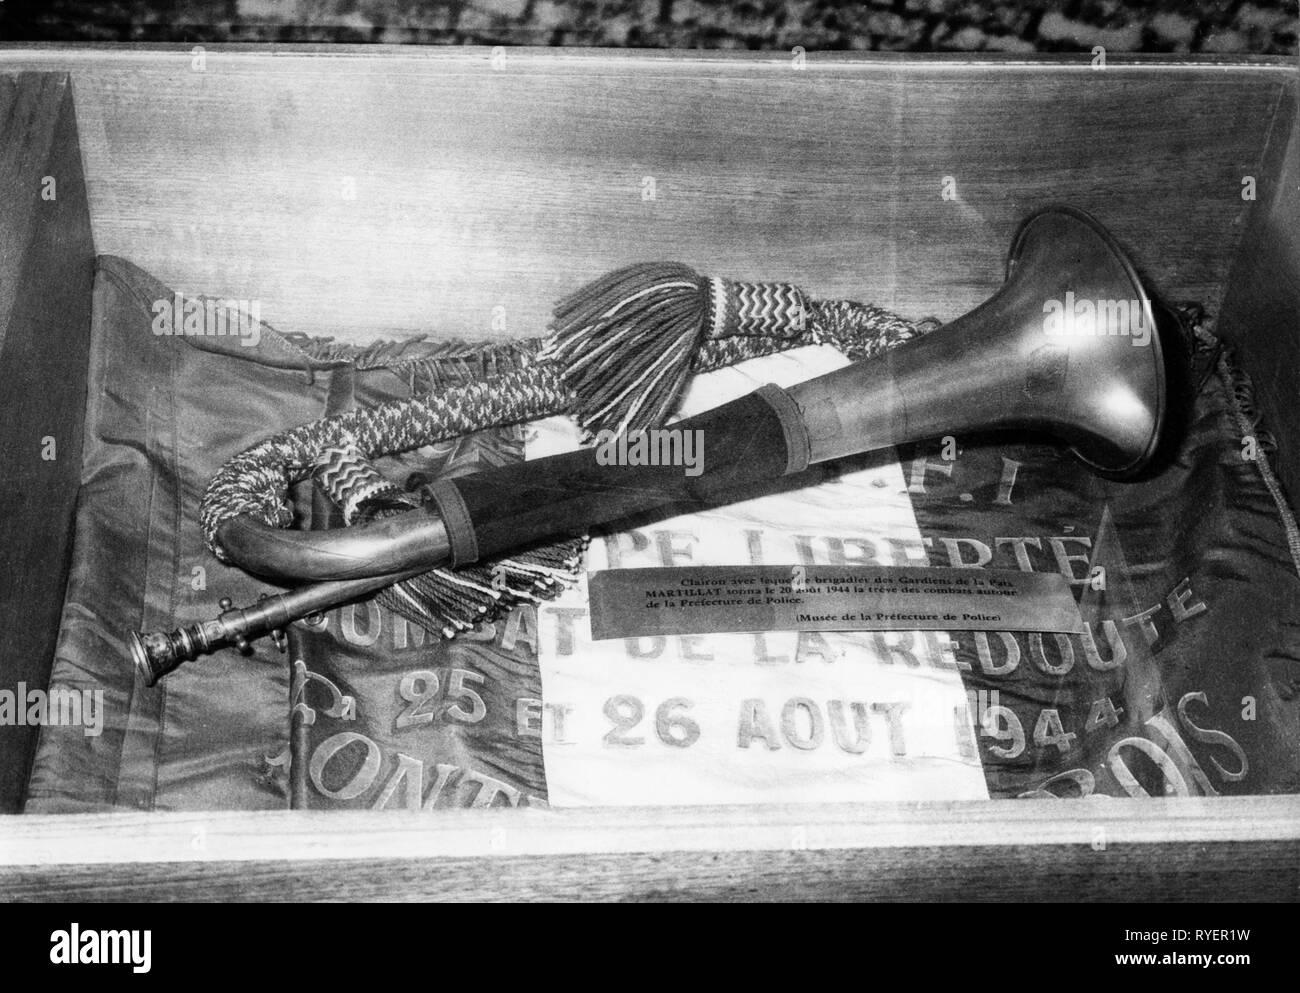 Geografía / viajes, Francia, política, exhibición en ocasión del aniversario de la liberación de París, el Hotel des Invalides, Salle Carlomagno, Agosto 1964-Clearance-Info Additional-Rights-Not-Available Imagen De Stock